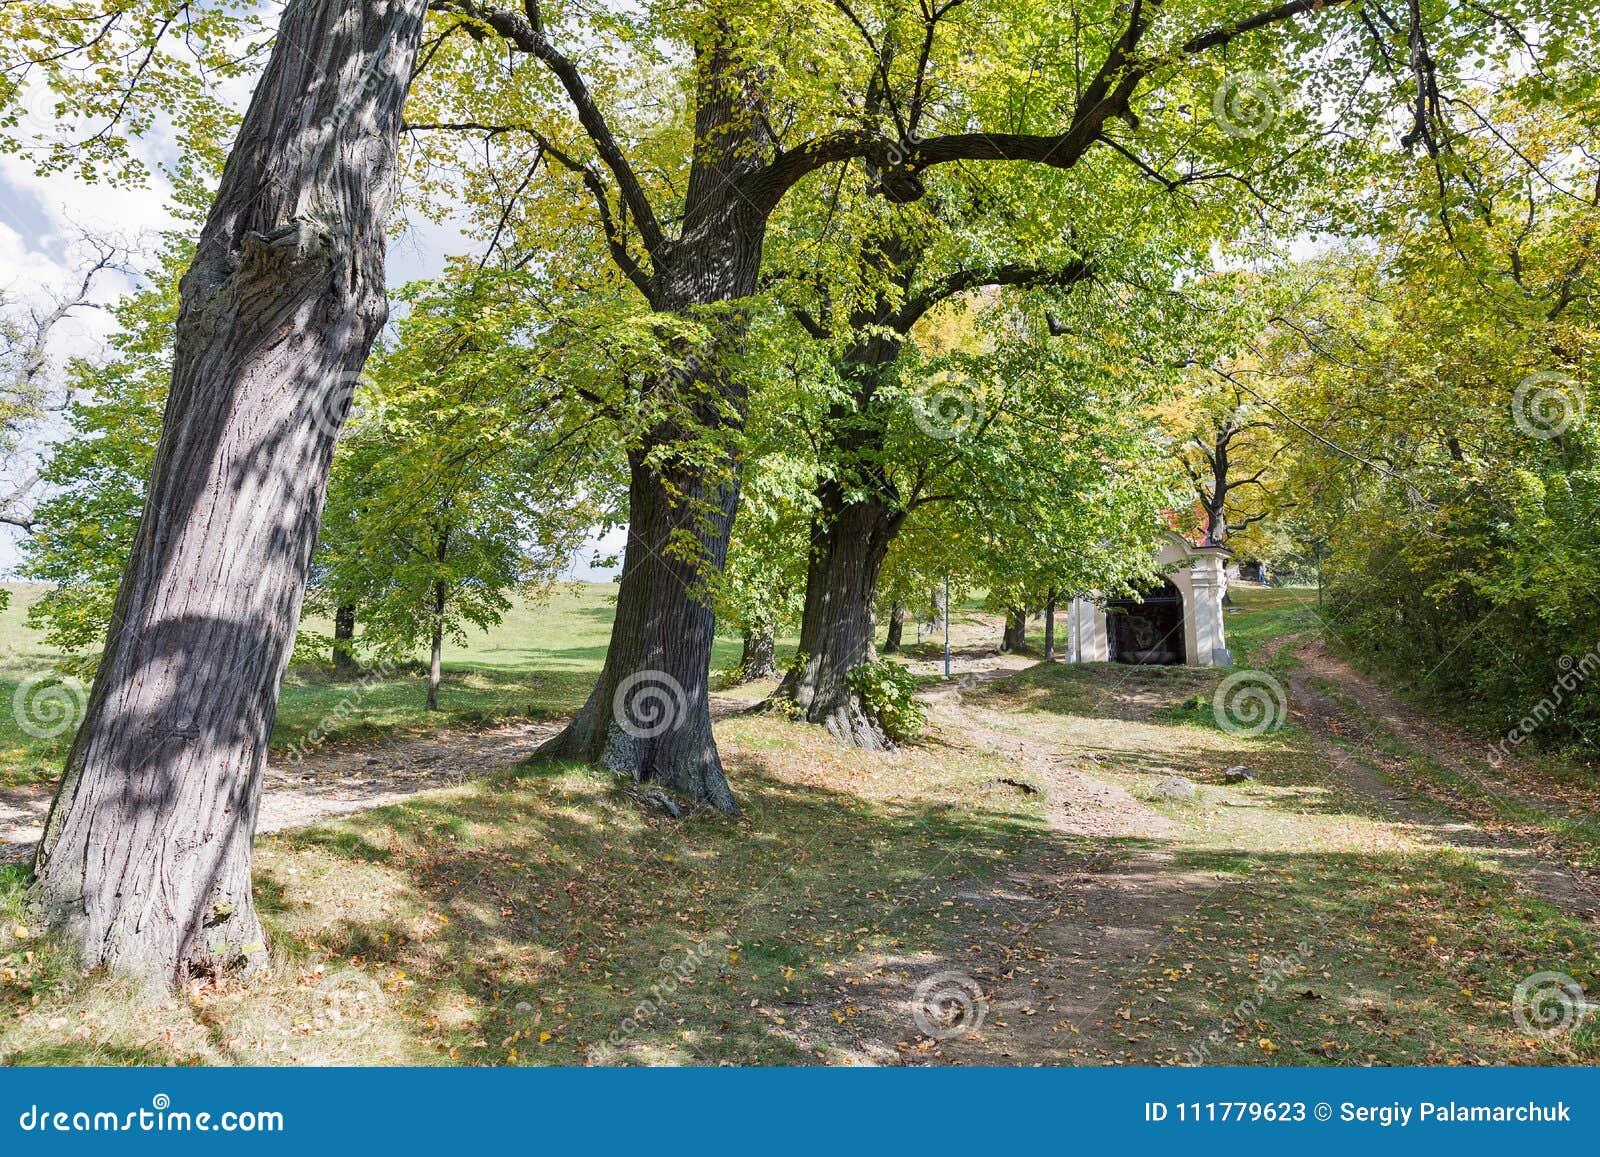 Road to Calvary in Banska Stiavnica, Slovakia.